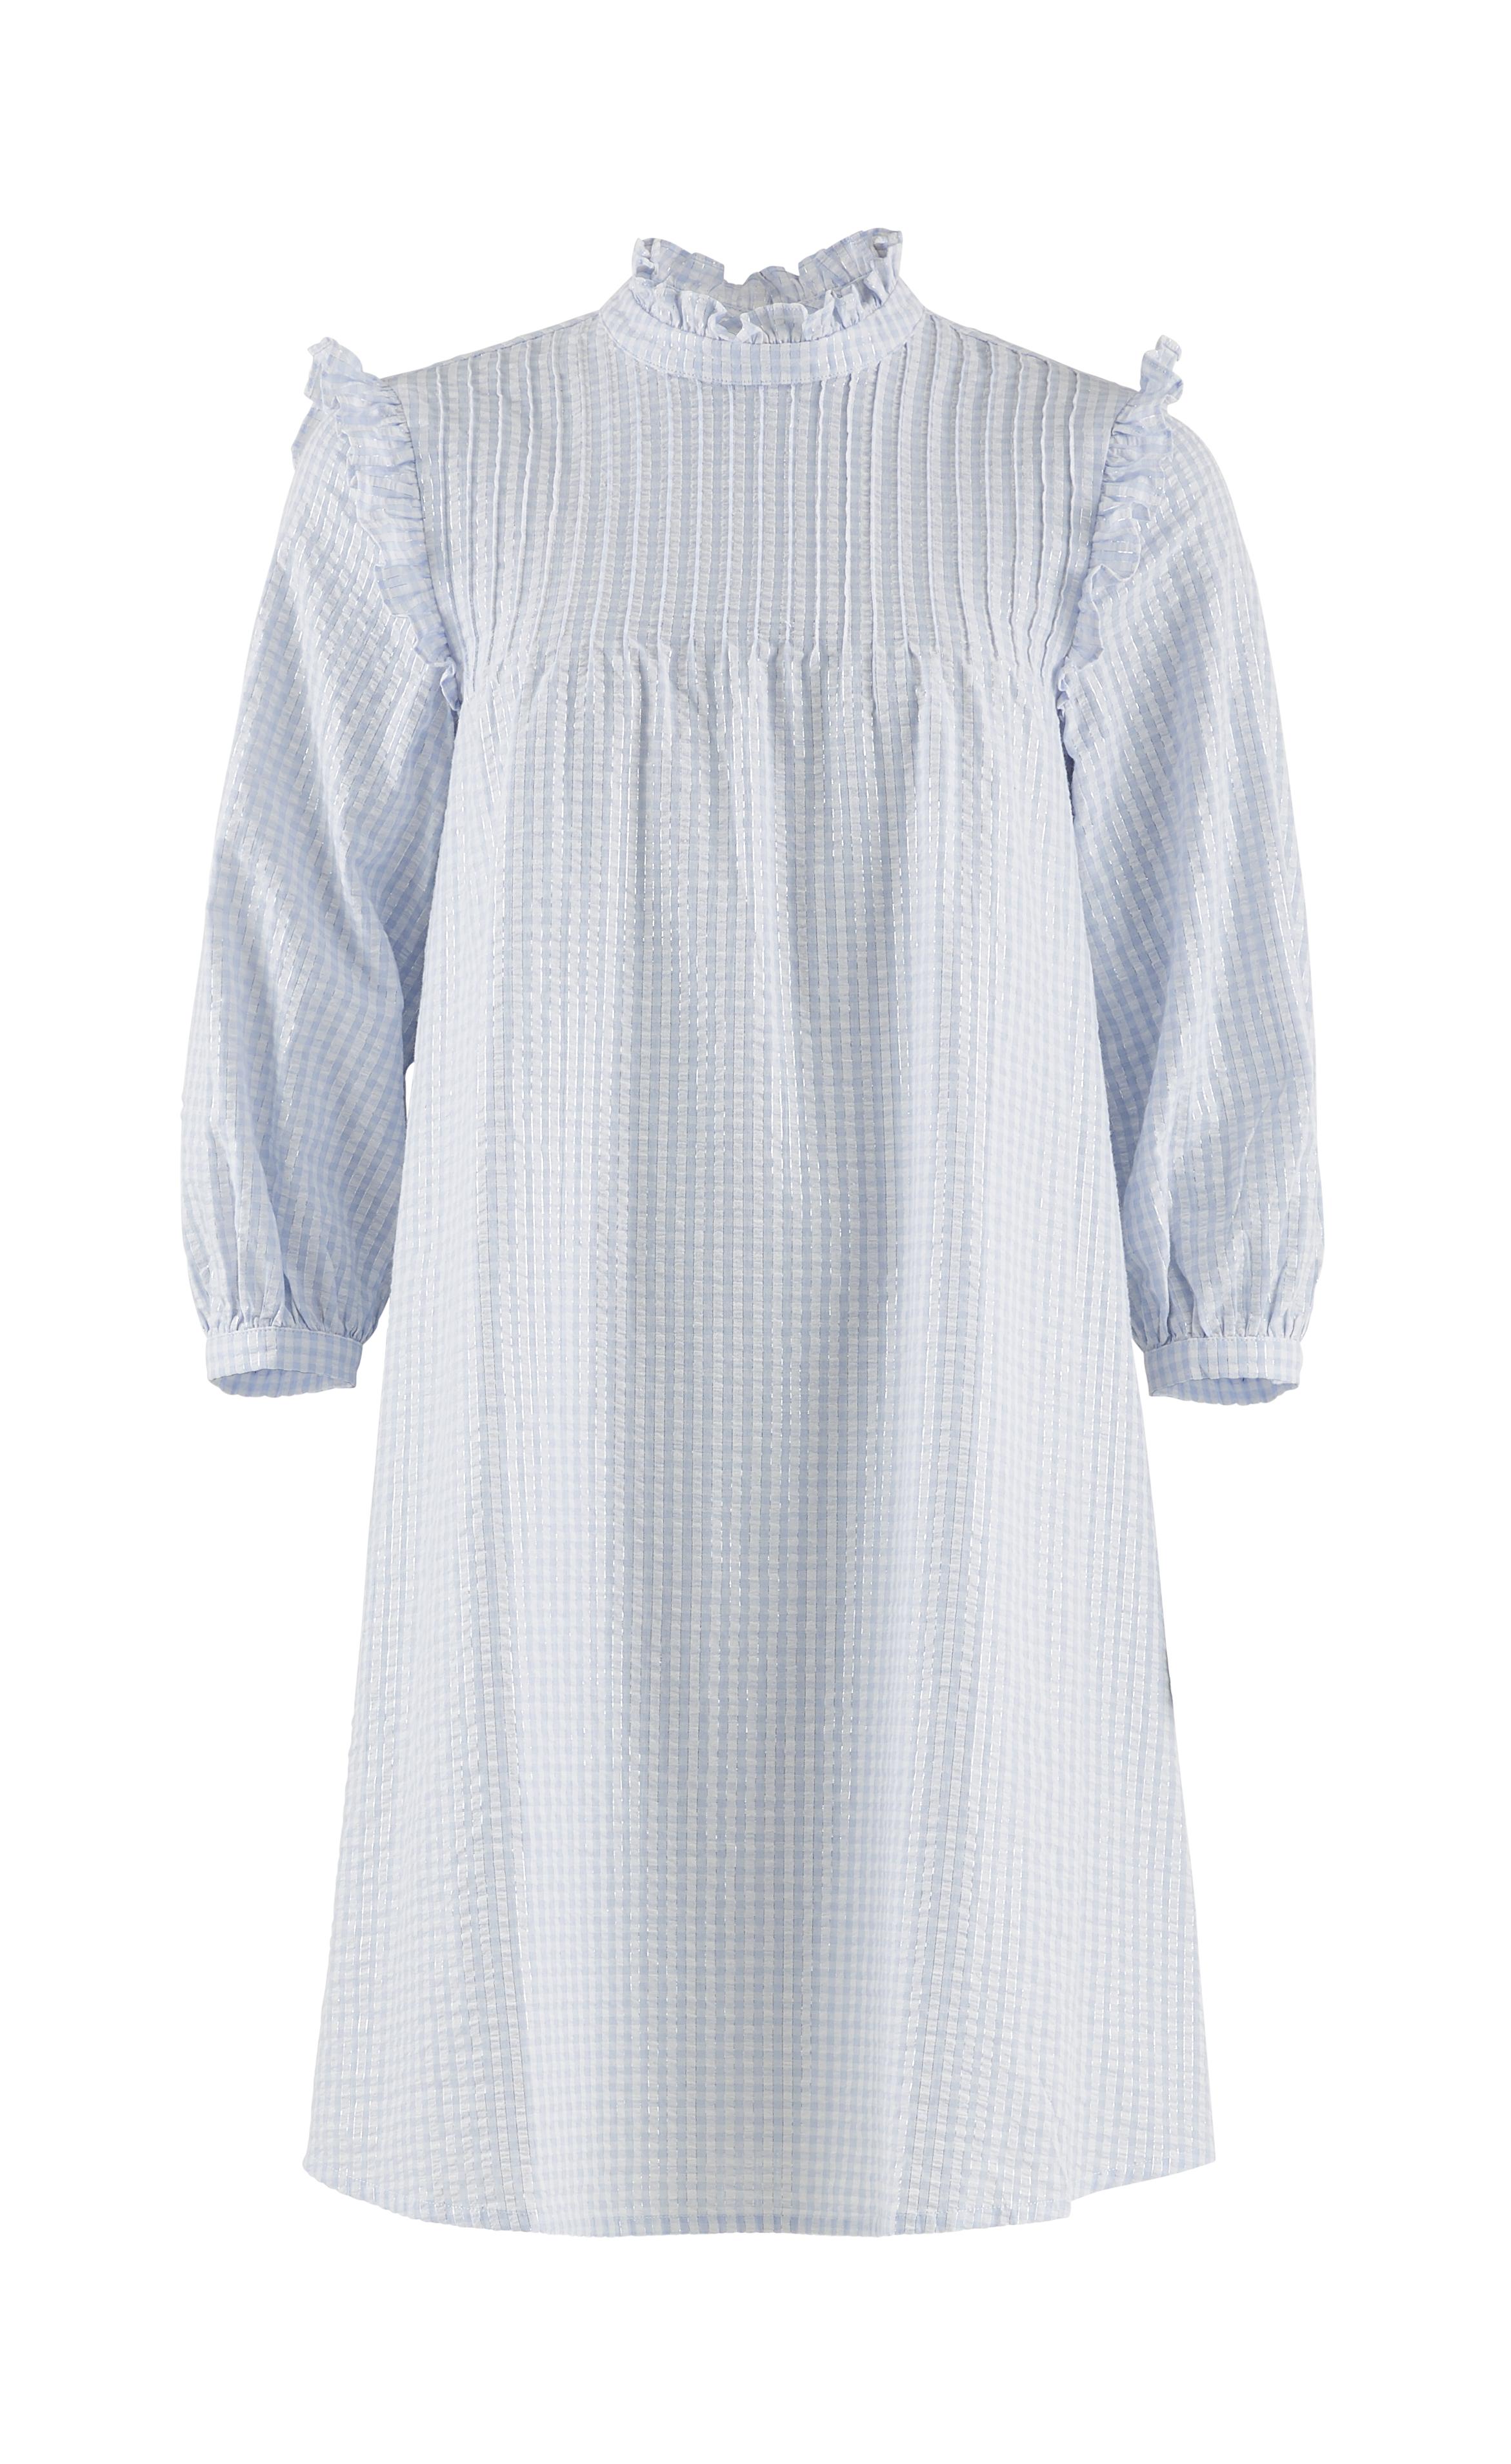 Image of   A VIEW Alba Dress Av1006, White